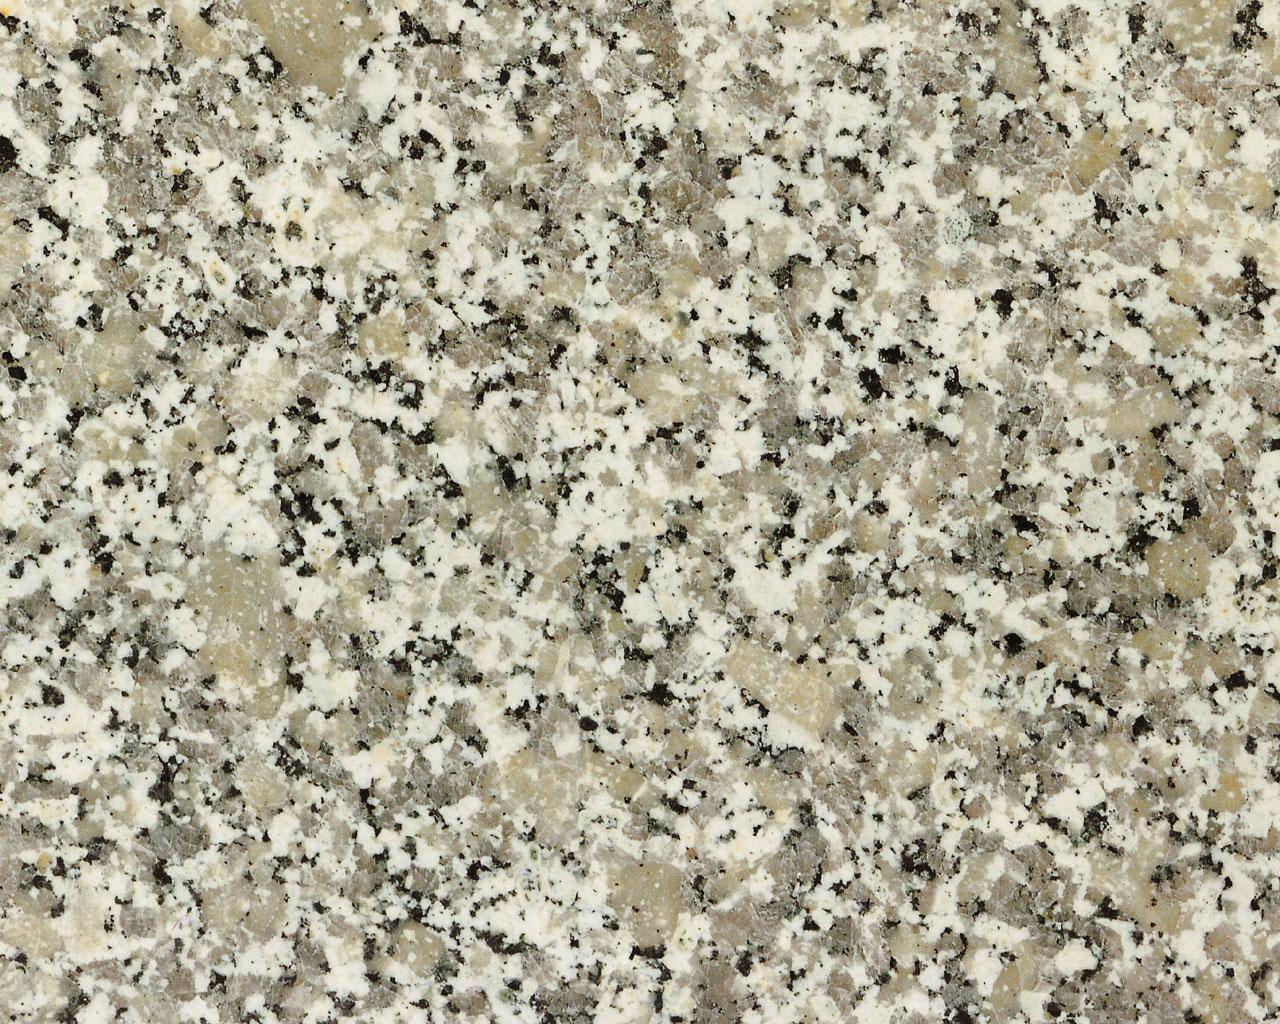 Bianco sarde